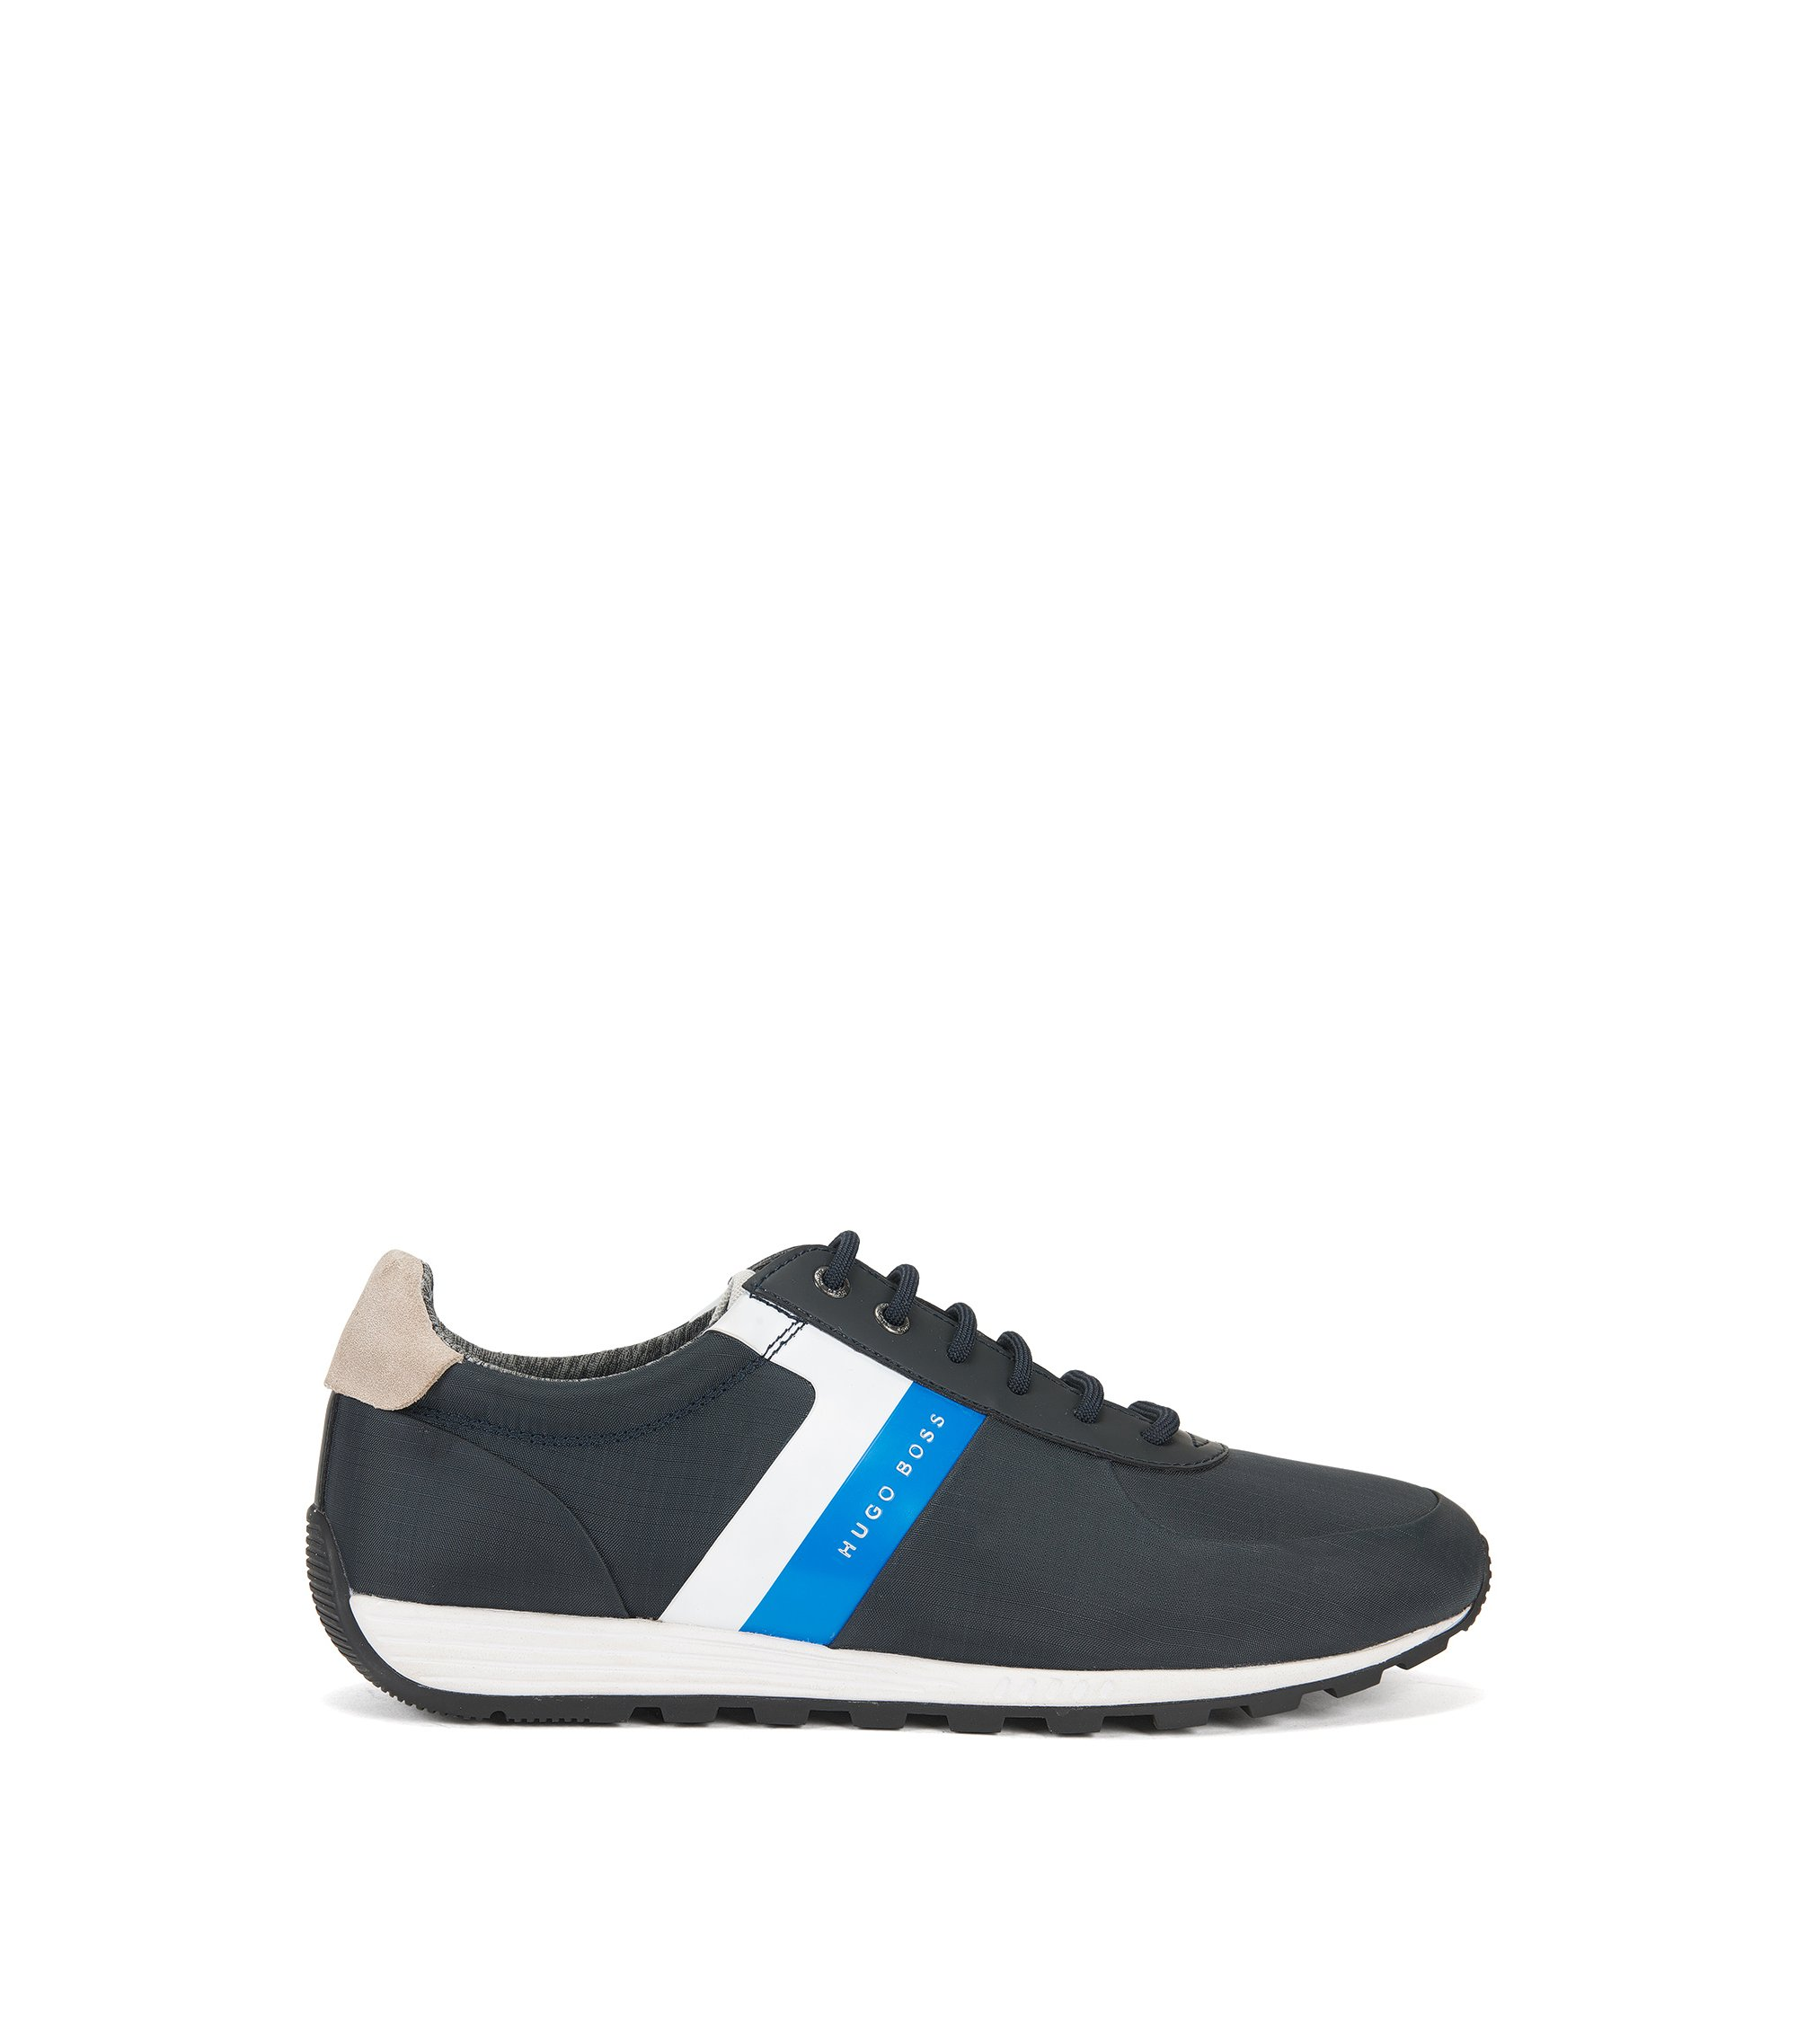 Sneakers in retrostijl met Strobel-constructie, Donkerblauw